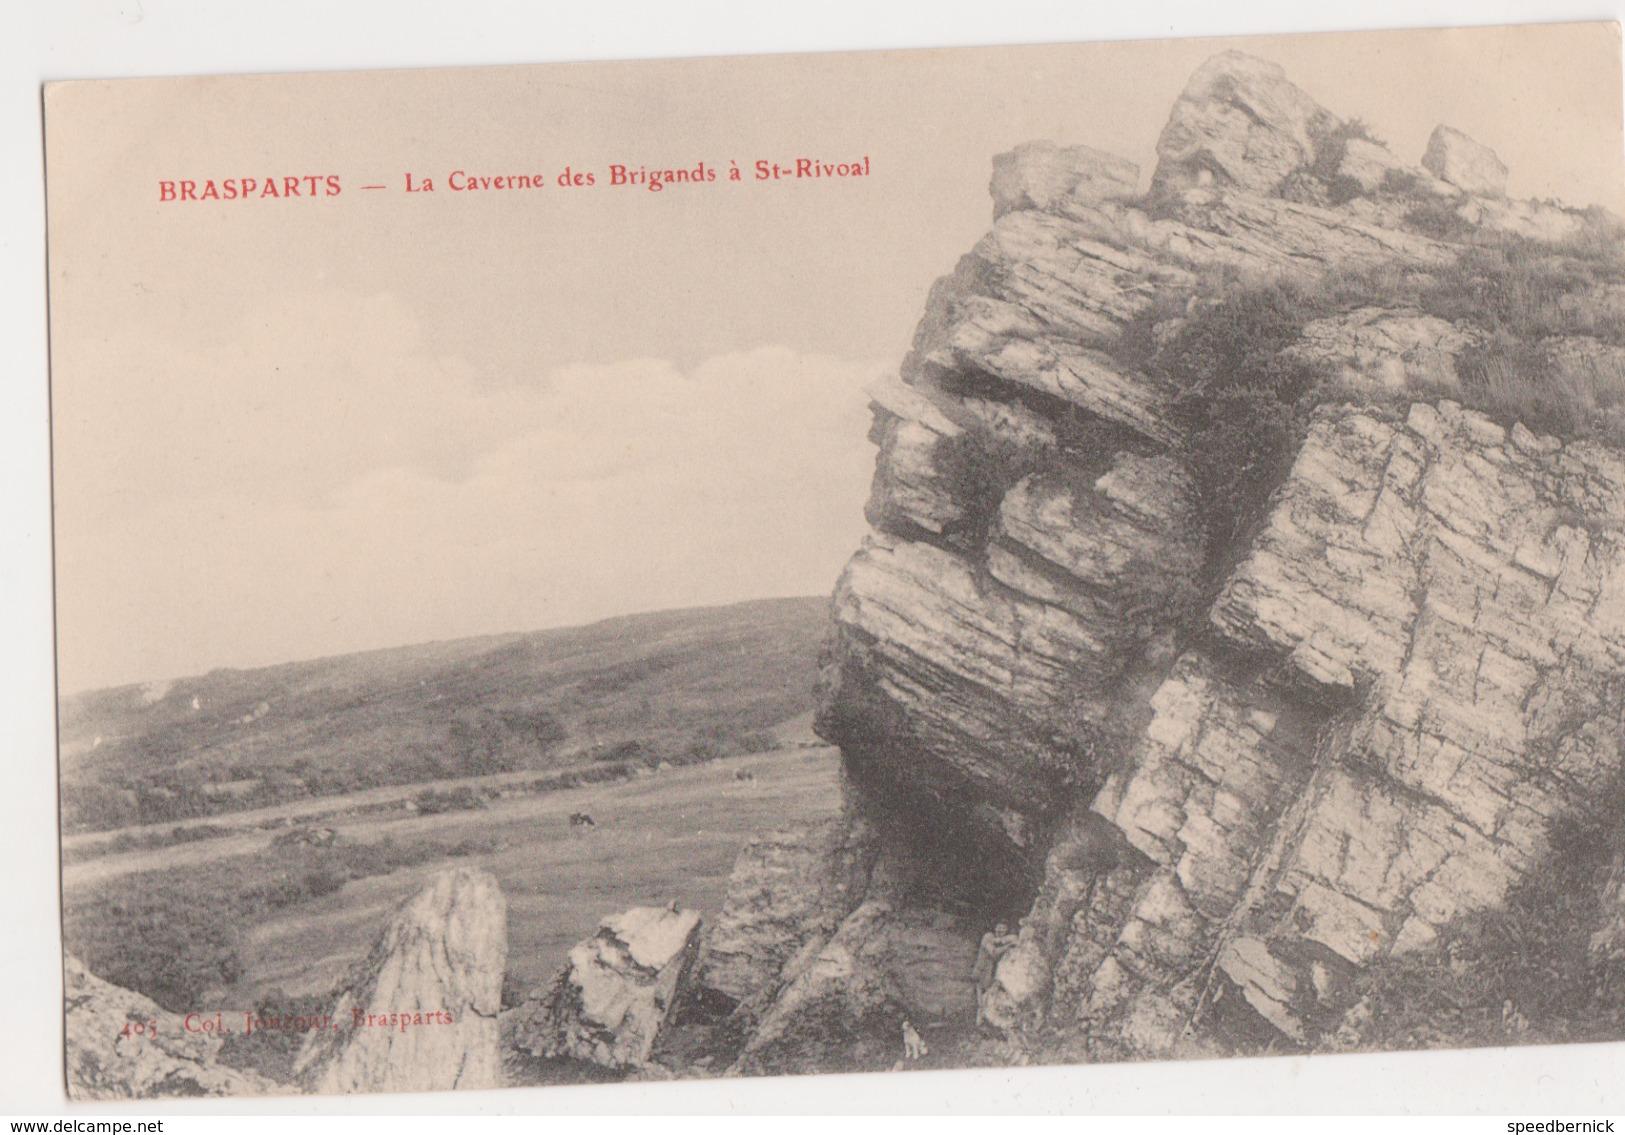 26280 BRASPARTS Caverne Brigands à Saint St Rivoal -Ed Joncour N° 405 Brasparts - Roger - France